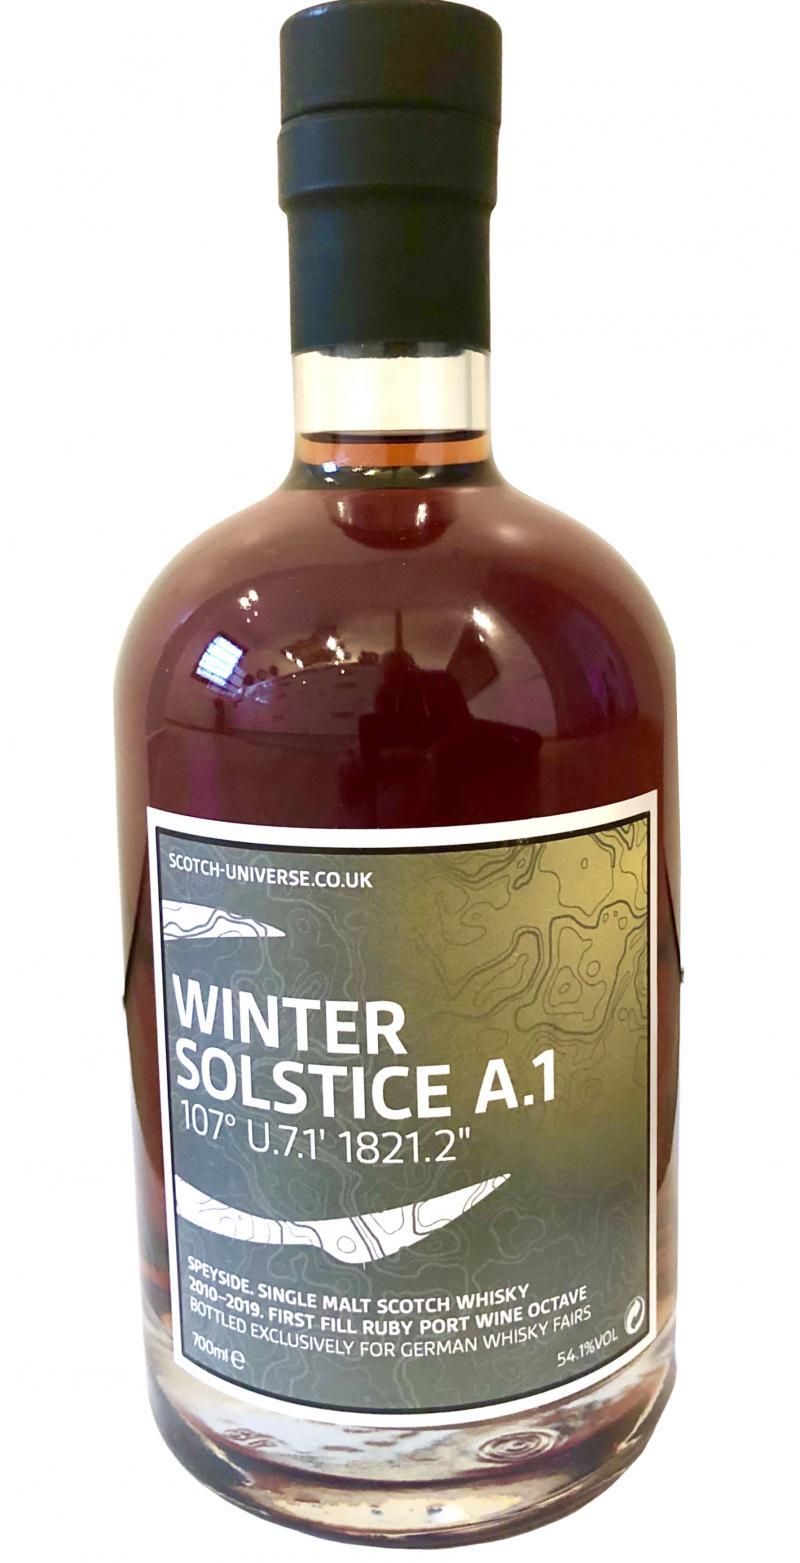 Scotch Universe Winter Solstice A.1 - 107° U.7.1' 1821.2''